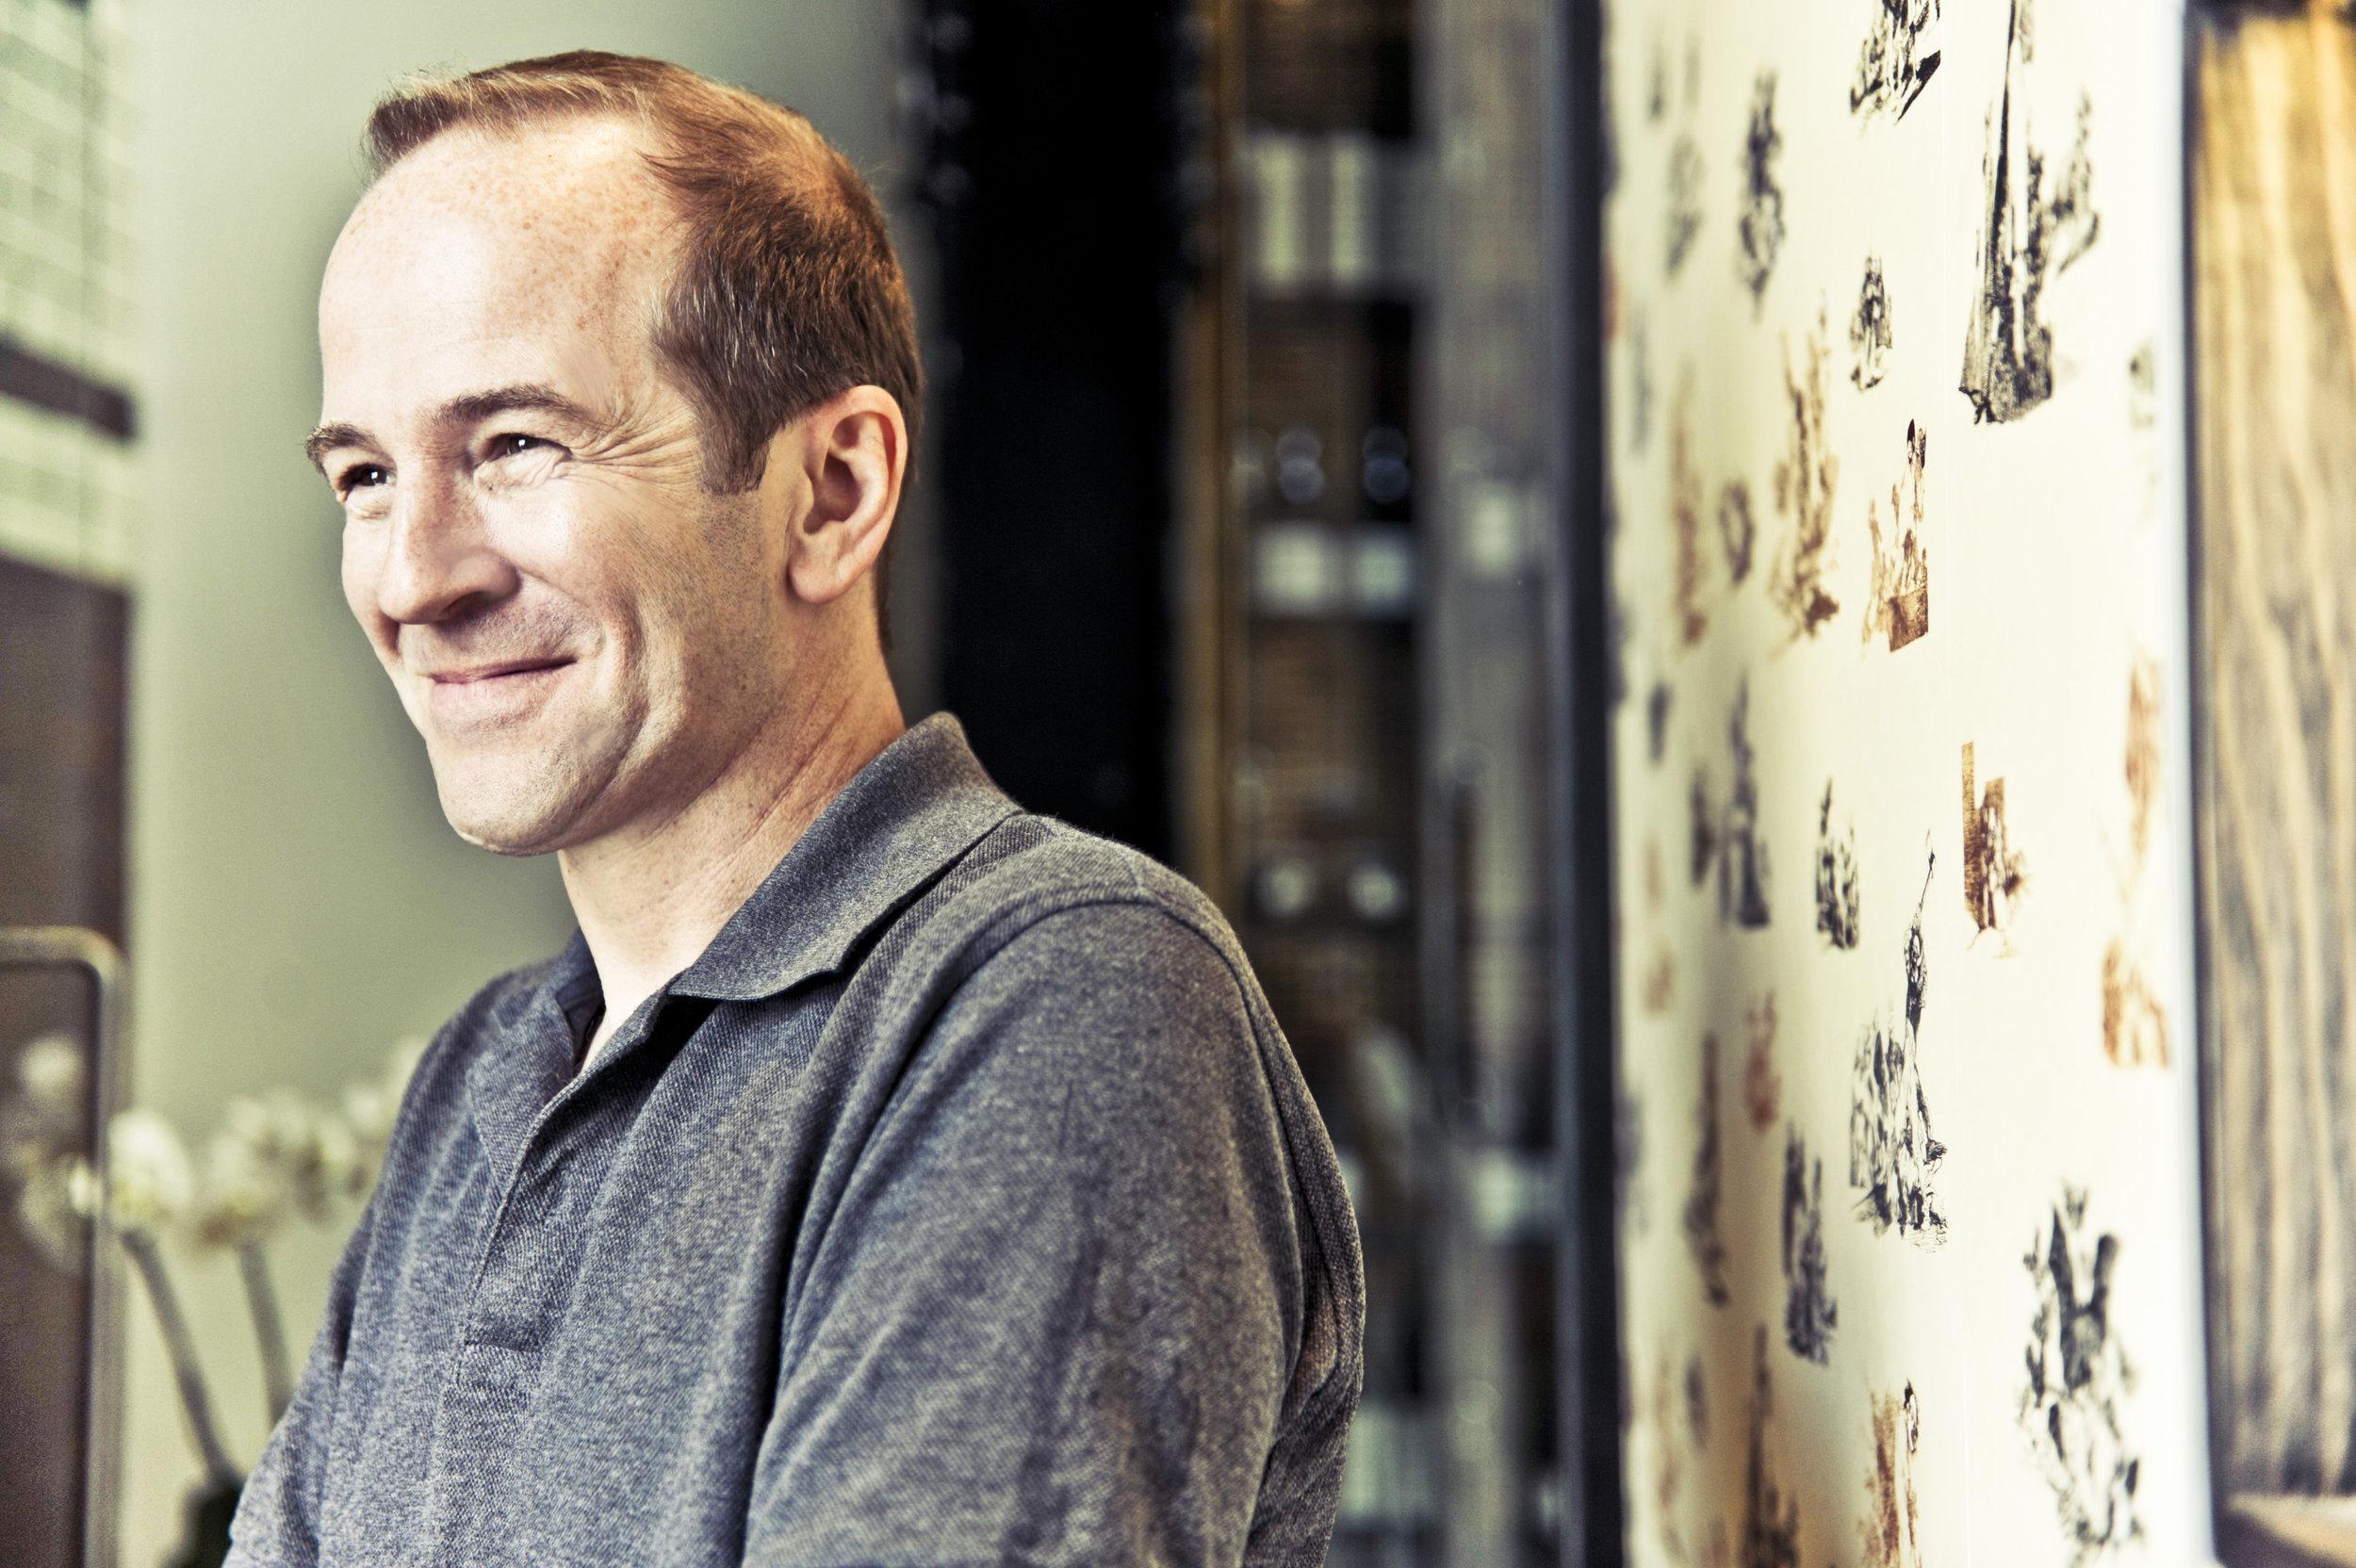 Architect Andrew Waugh. Courtesy of Waugh Thistelton Architects.